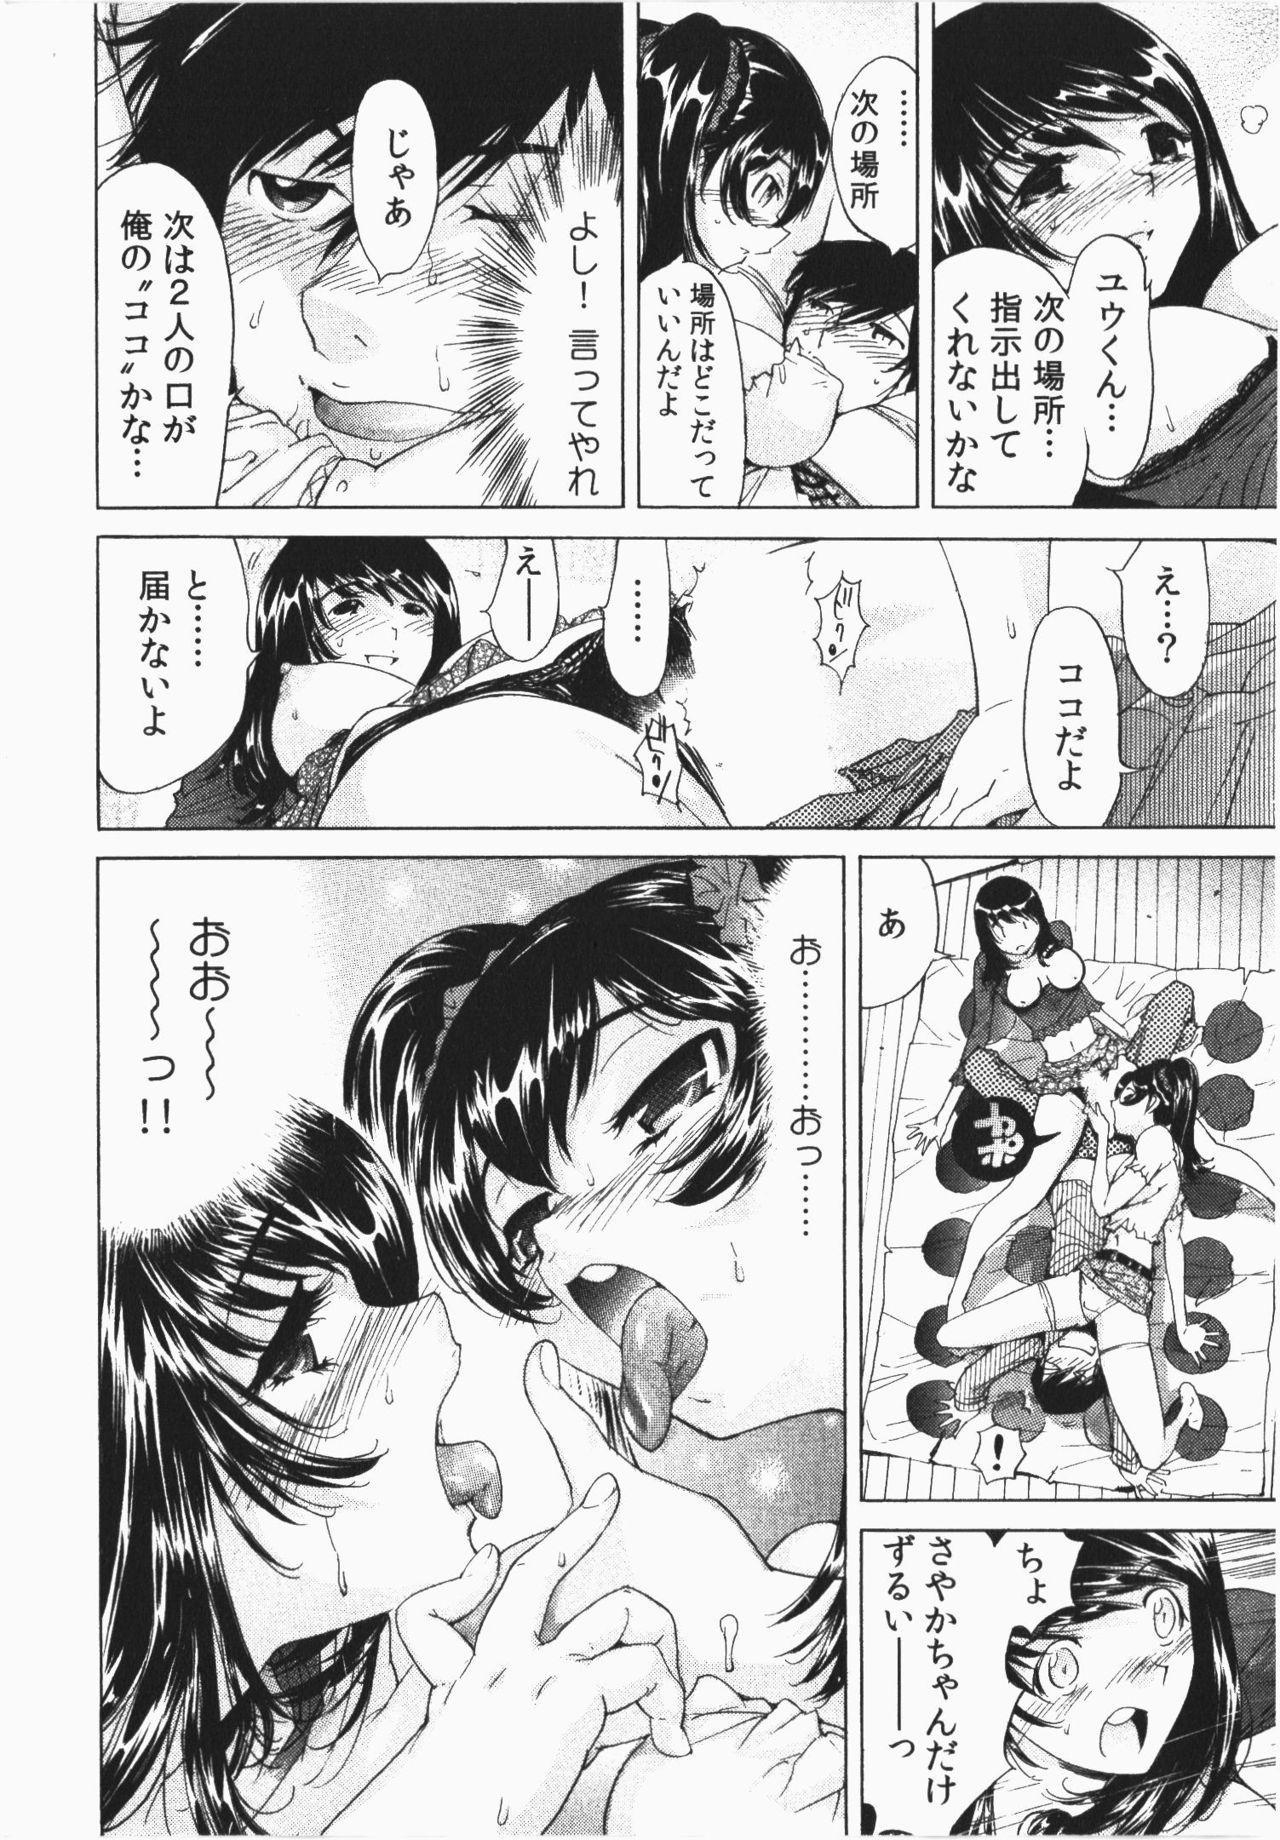 Ukkari Haicchatta! Itoko to Micchaku Game Chuu 59